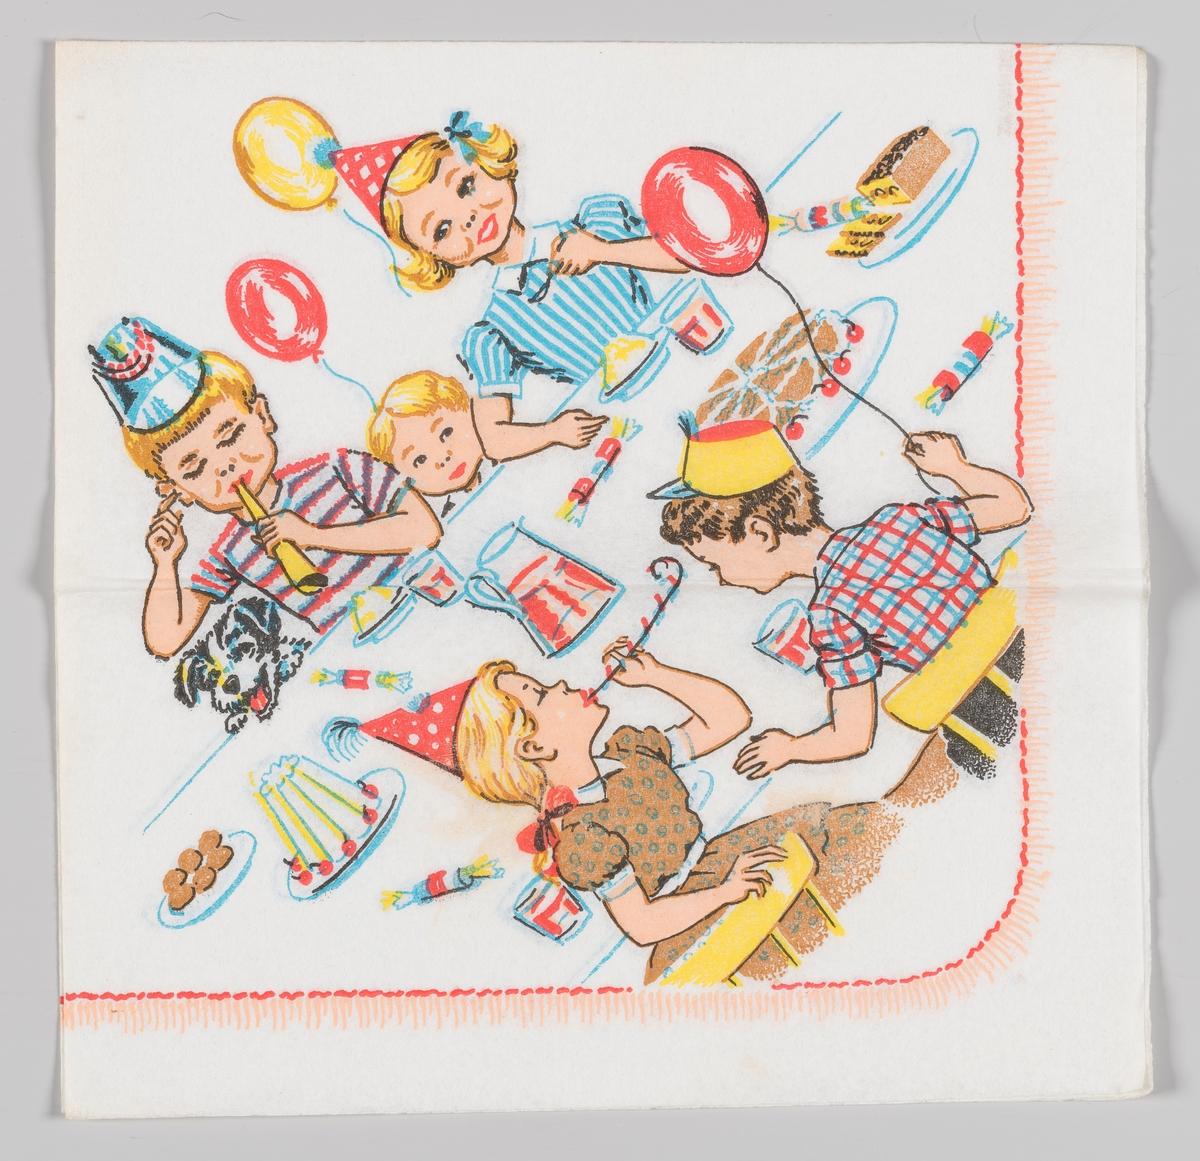 Et bursdagsselskap med gutter og jenter med hatter, ballonger, kaker og saft.